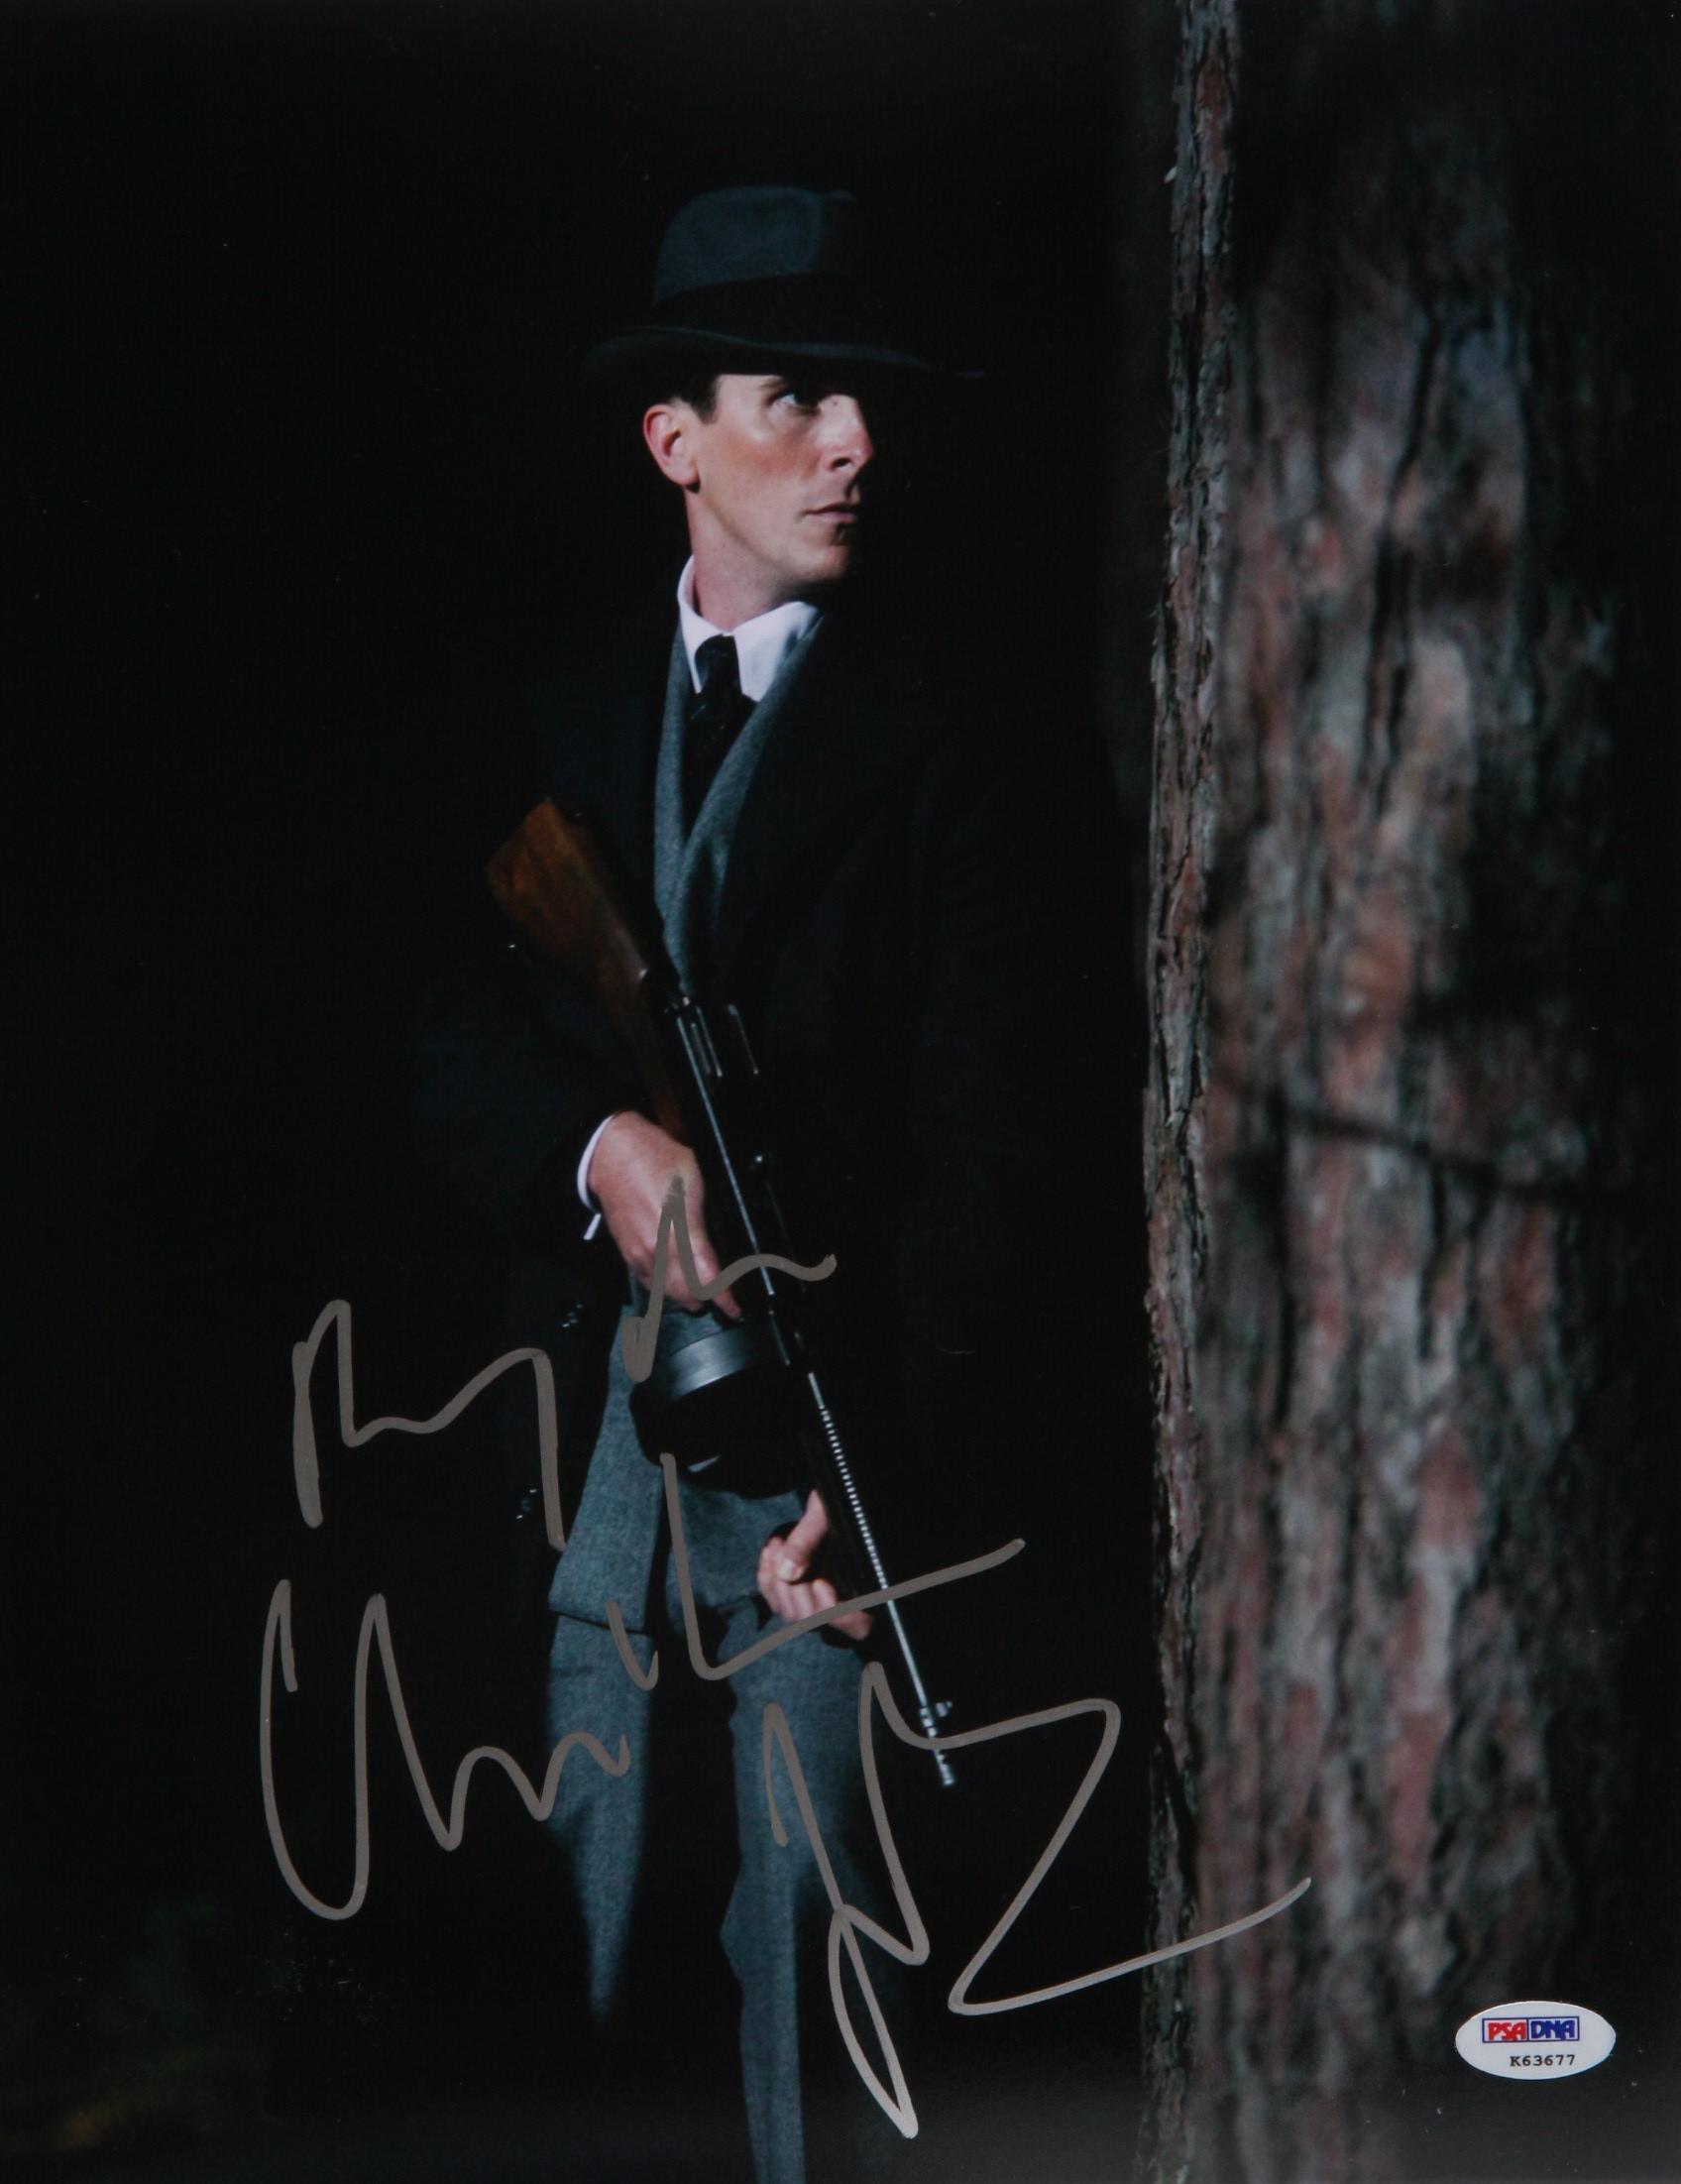 Christian Bale Autographed 11x14 PSA/DNA